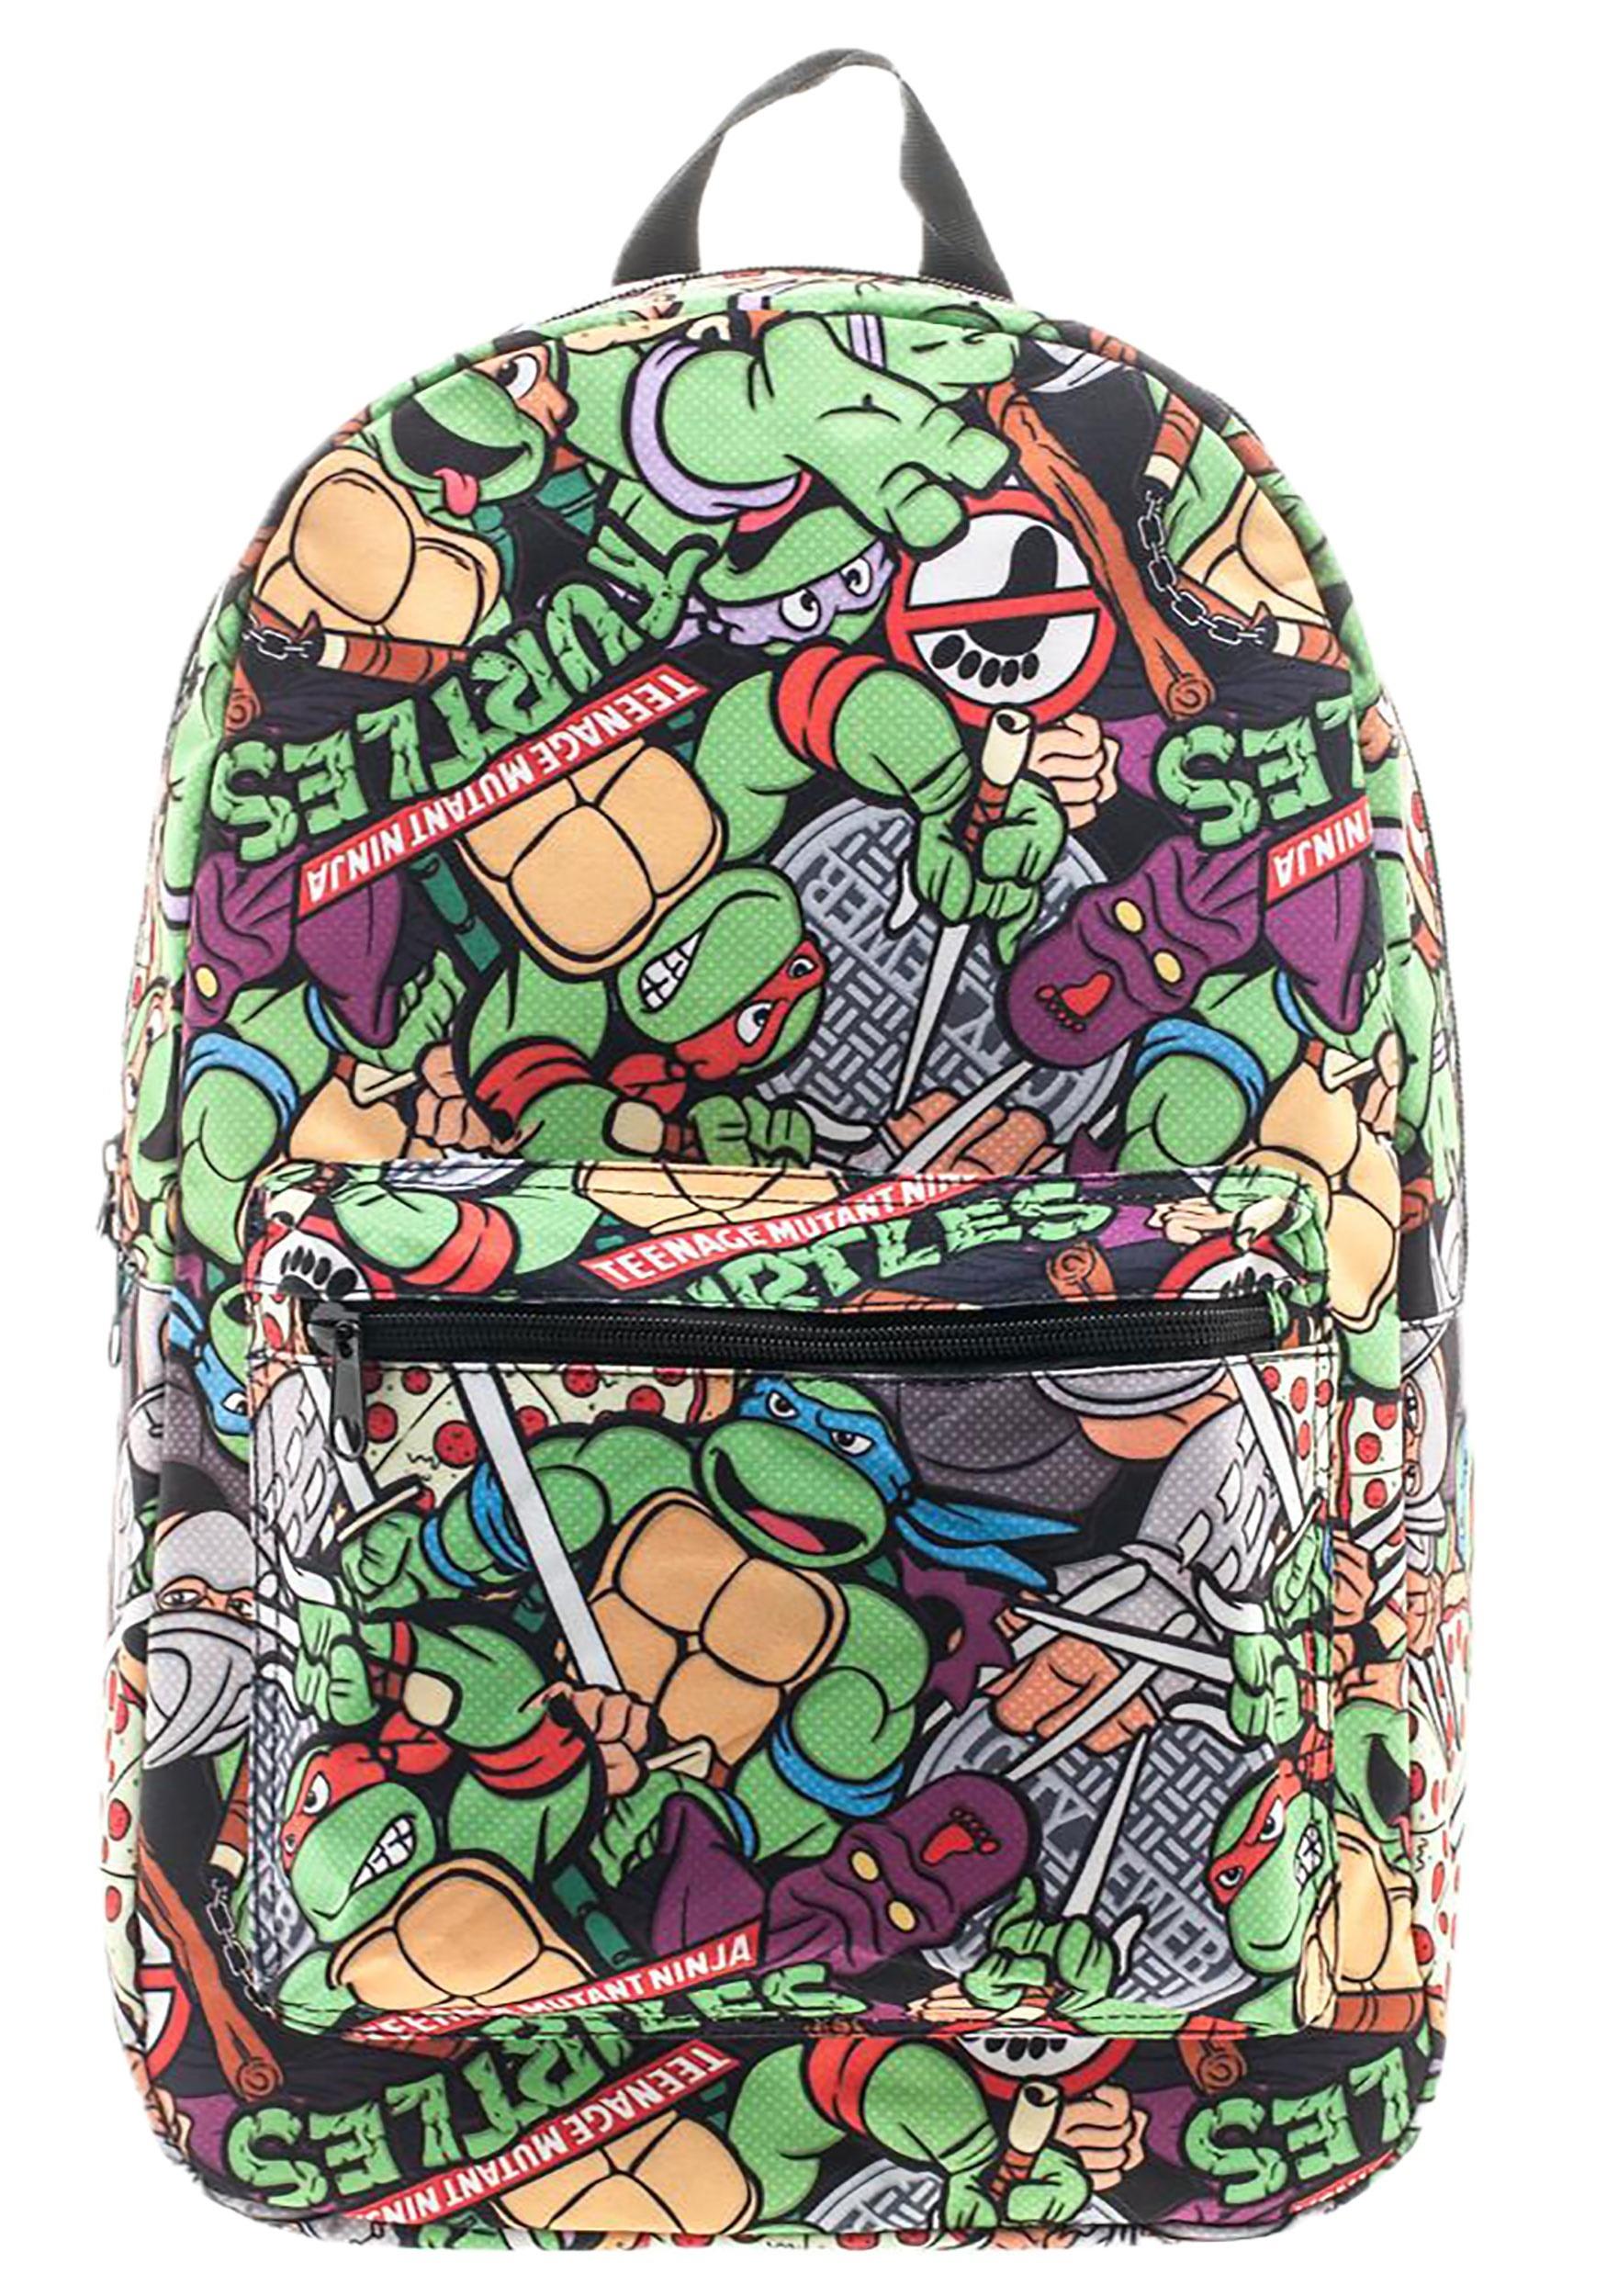 Age Mutant Ninja Turtles Cartoon Backpack